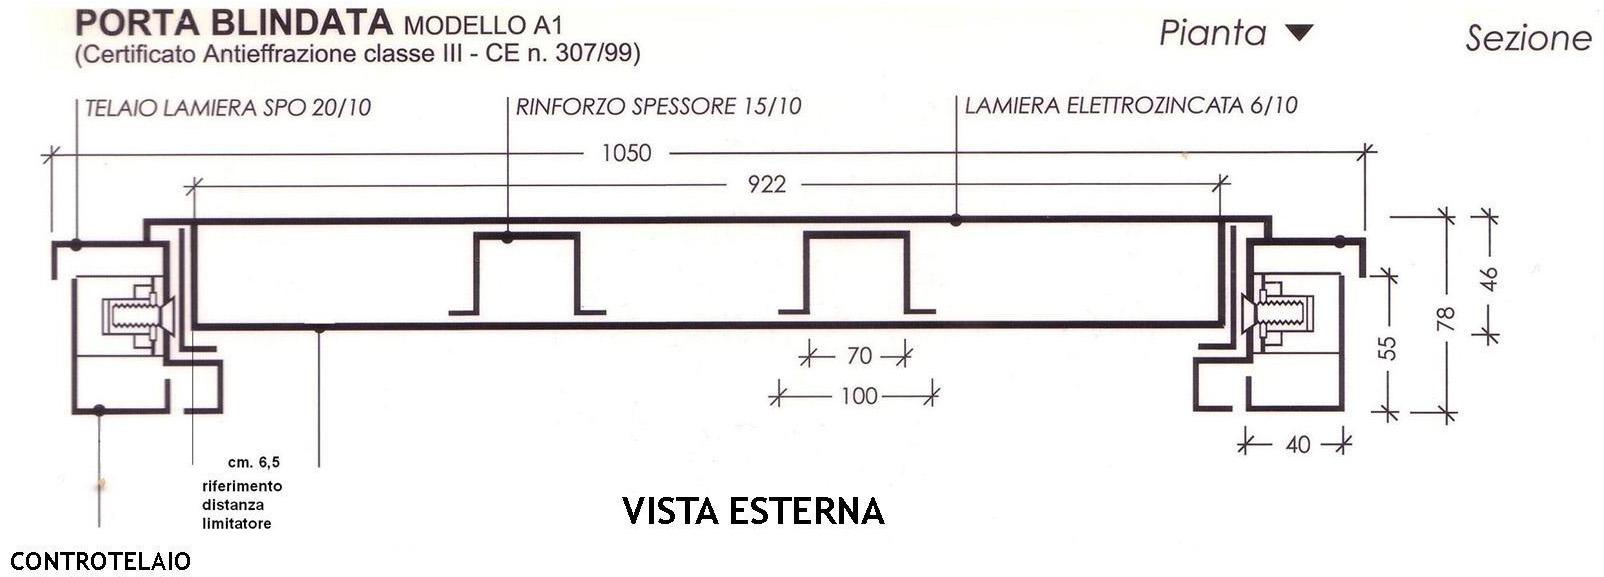 Caratteristiche porte blindate for Pianta esterna